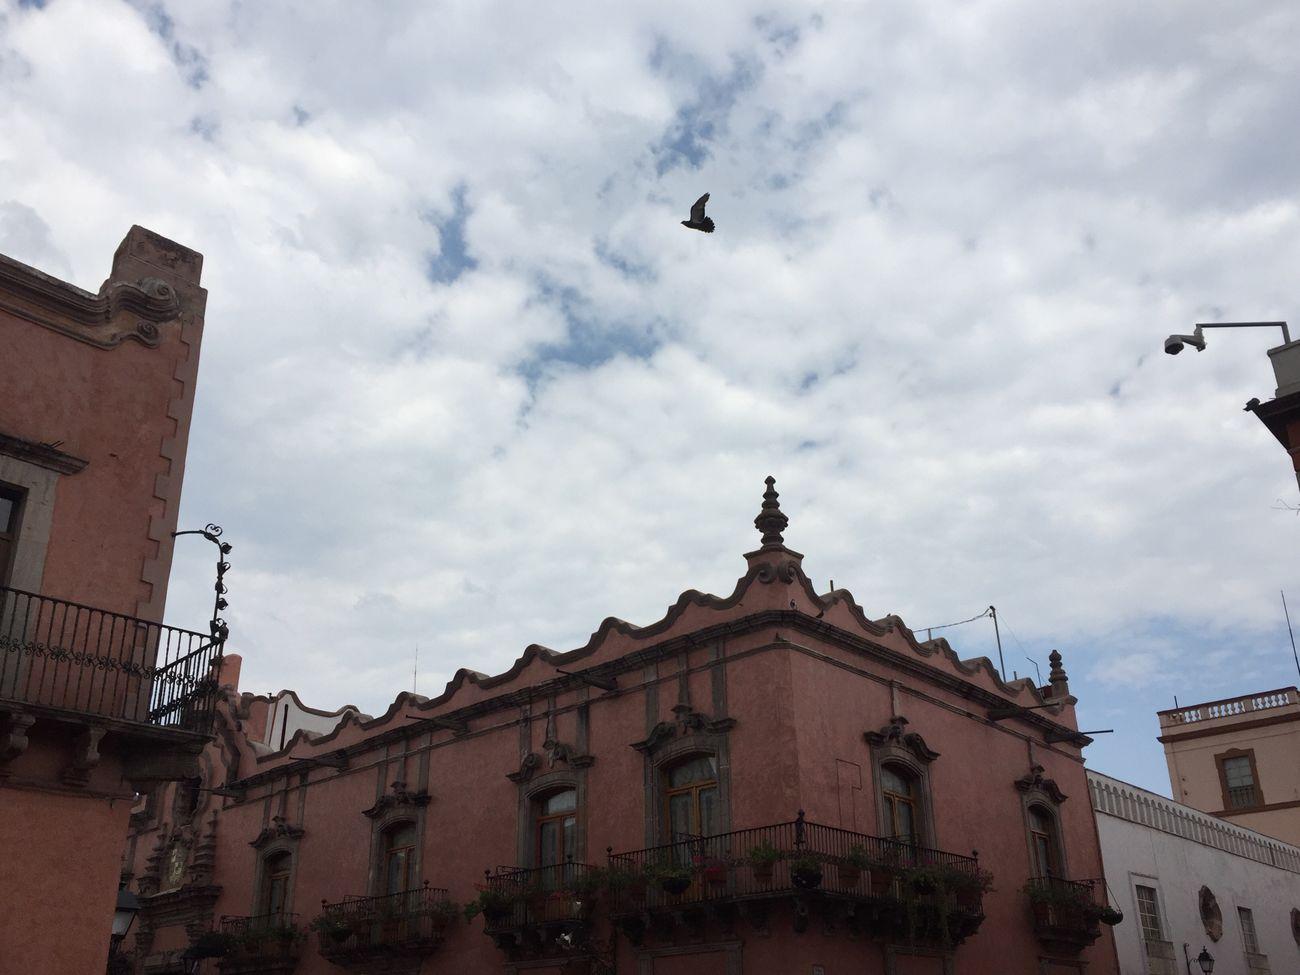 Centro histórico Construcciones  Edificios Antiguos época Colonial Querétaro